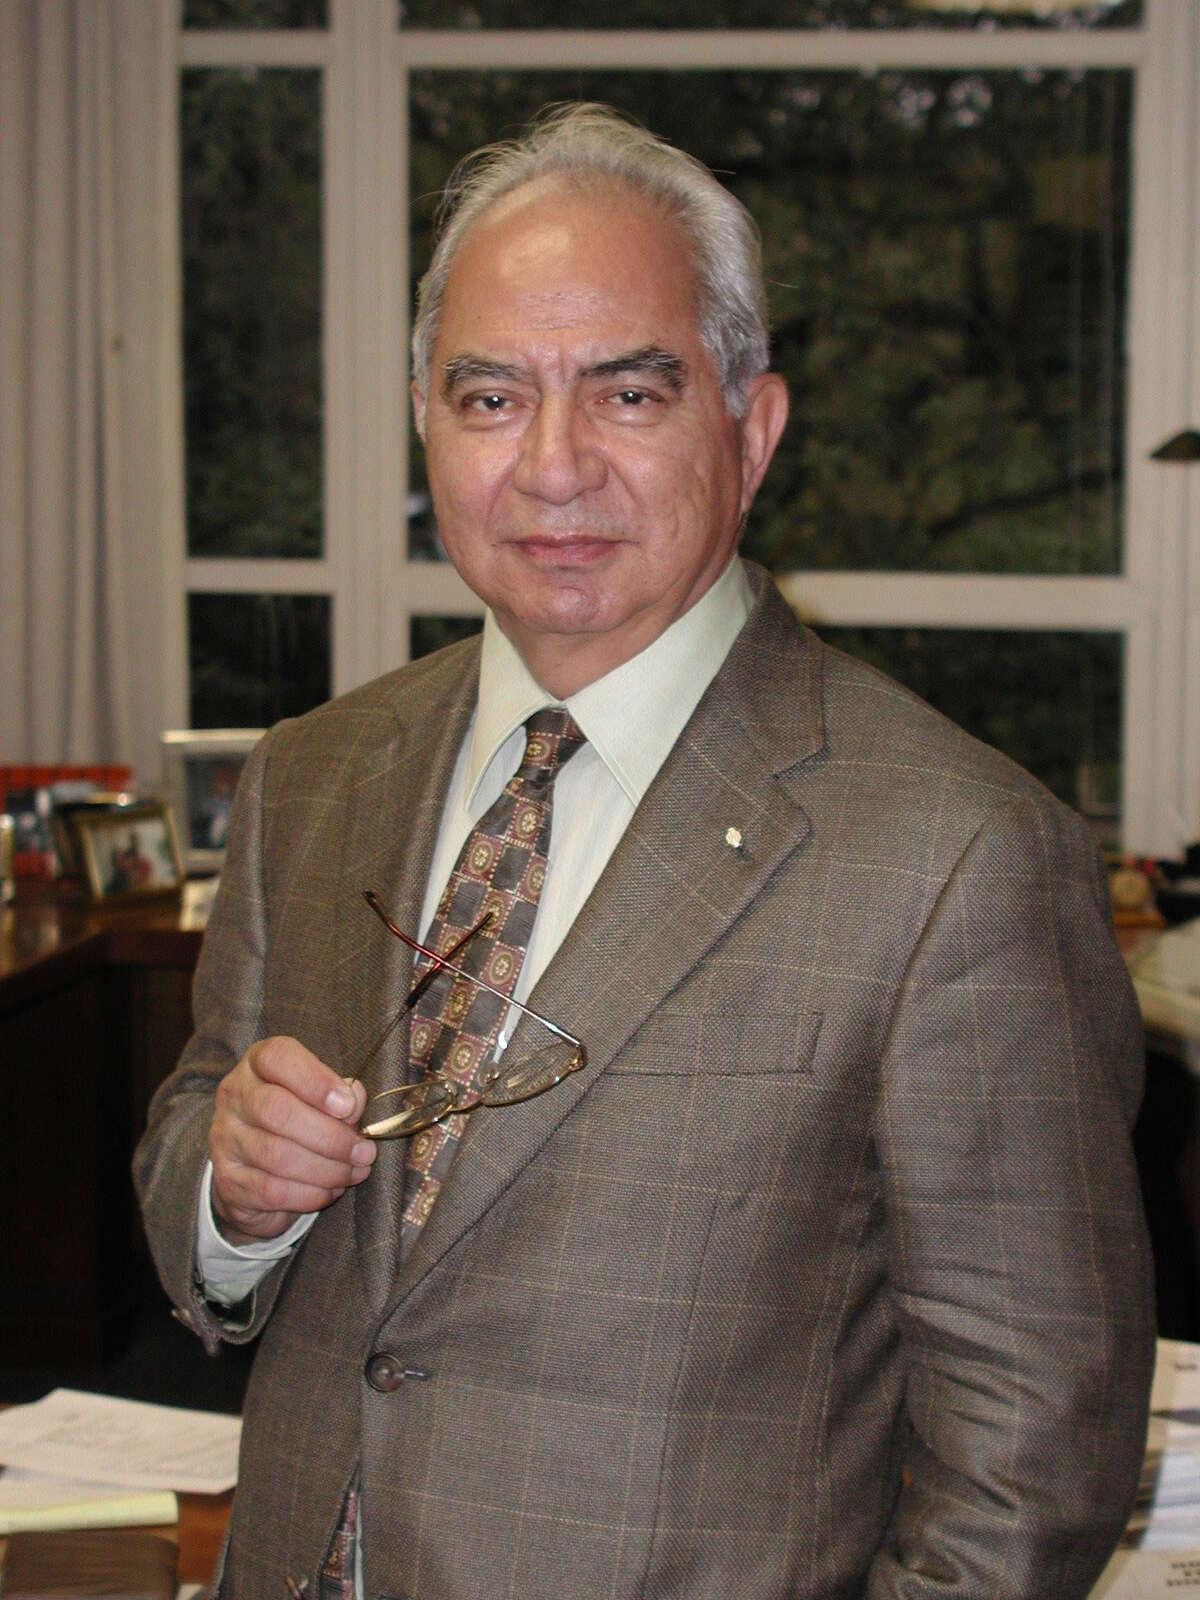 Arturo Madrid, author of